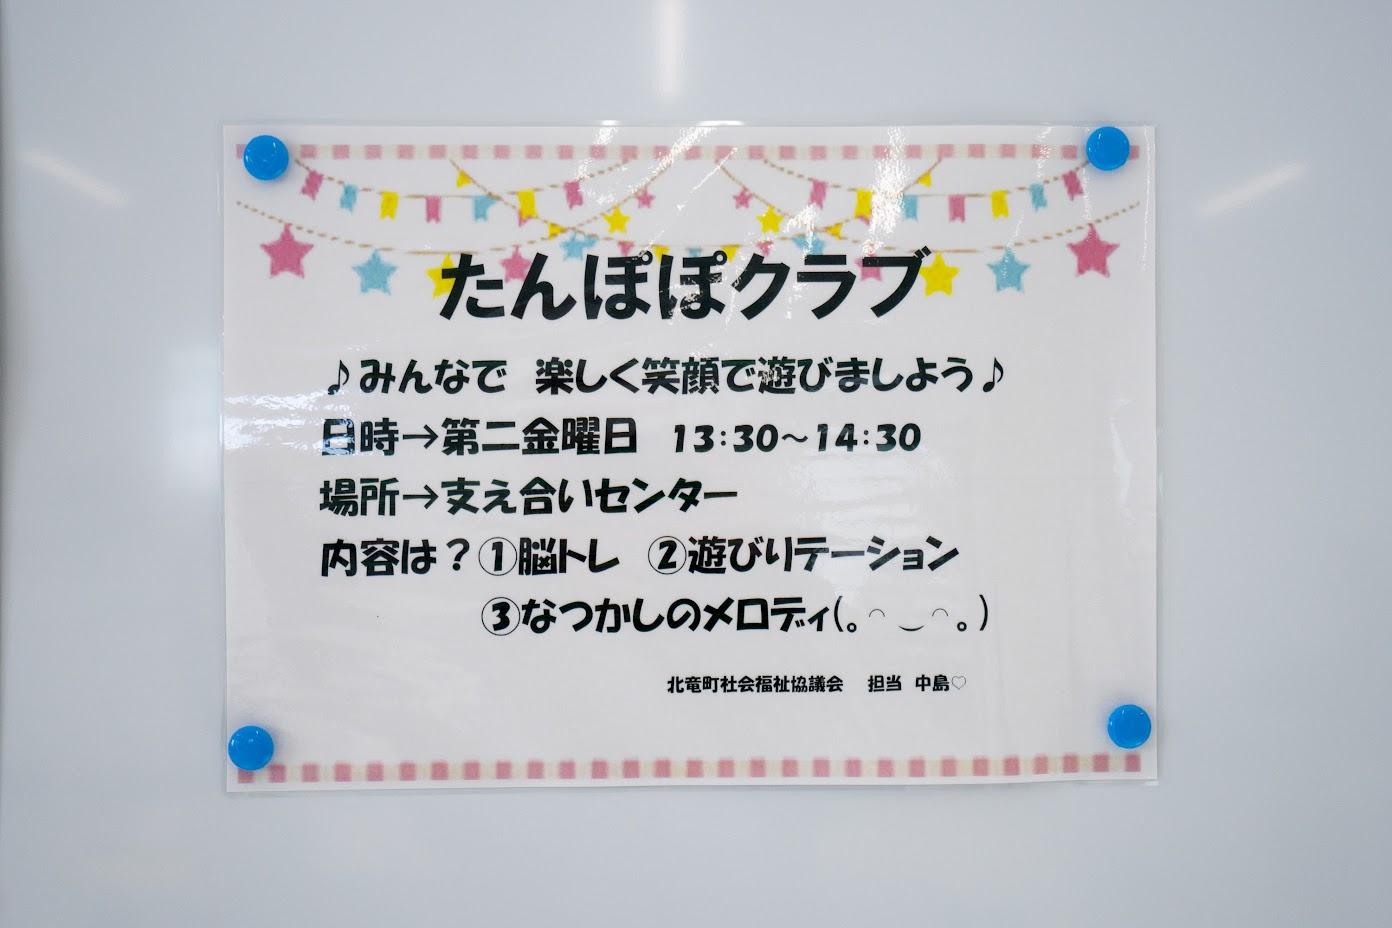 たんぽぽクラブ(北竜町社会福祉協議会)